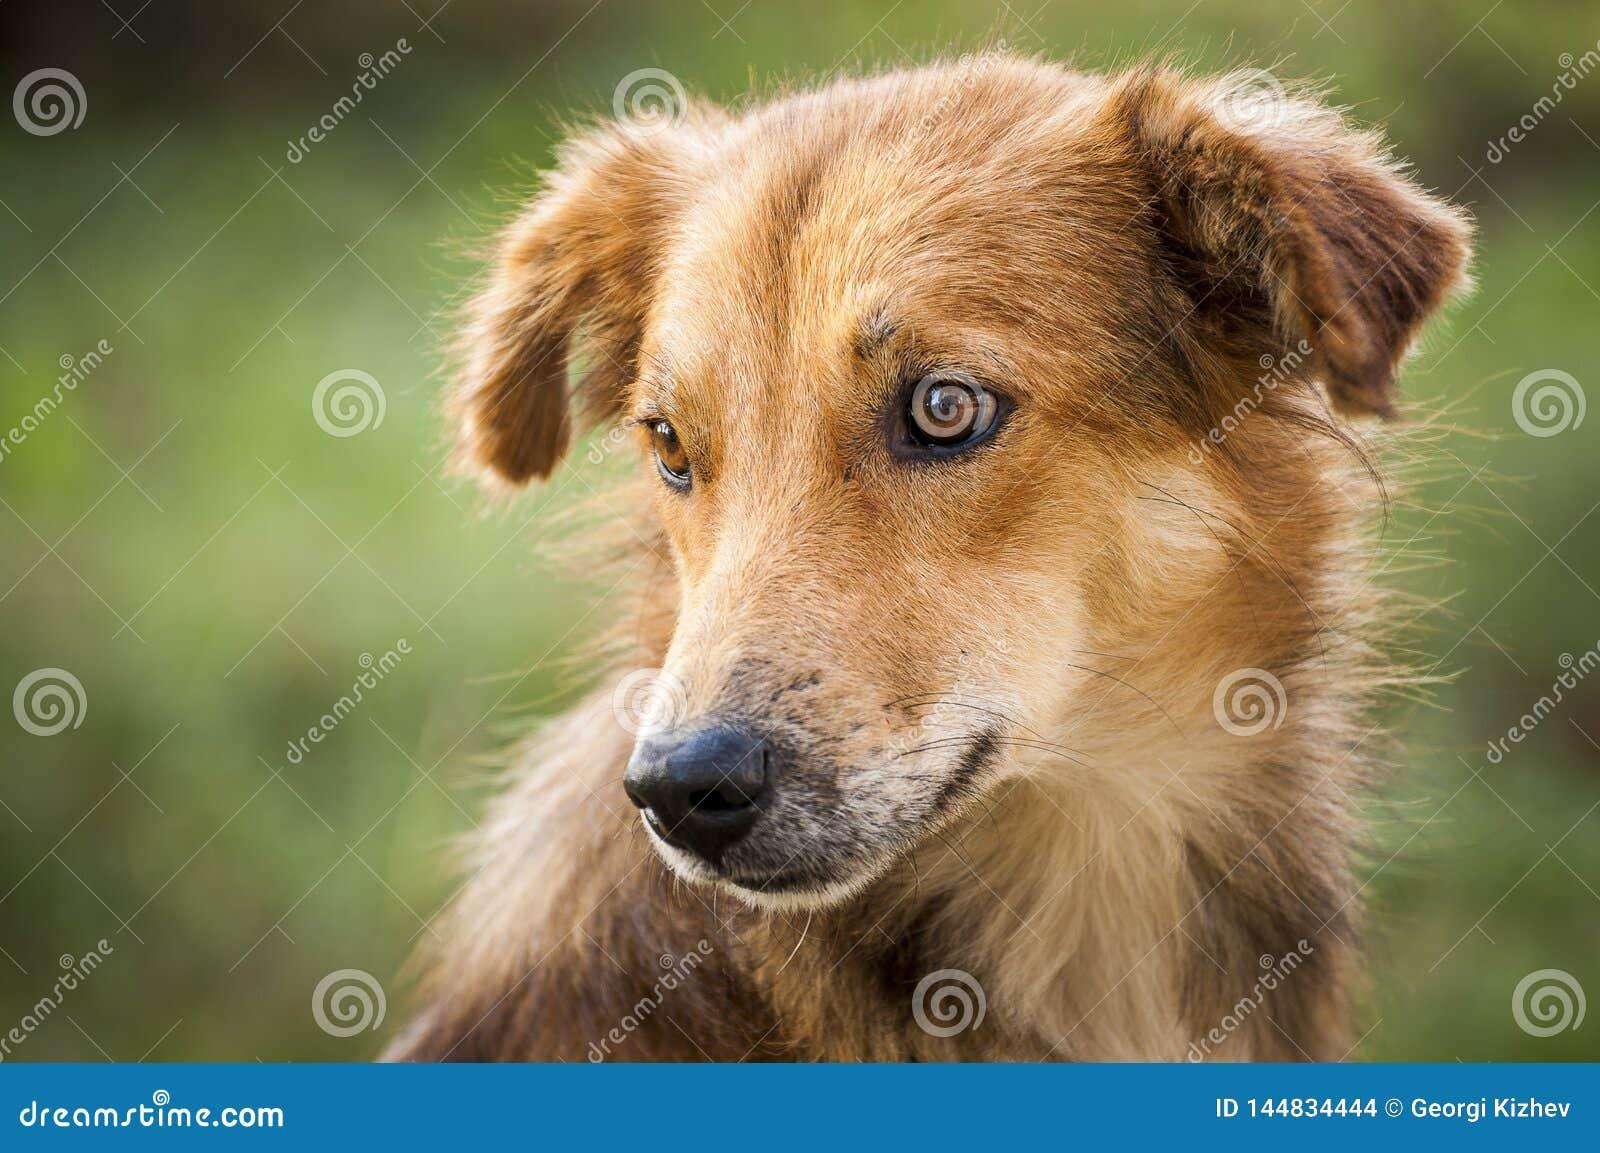 Best friend-dog 2